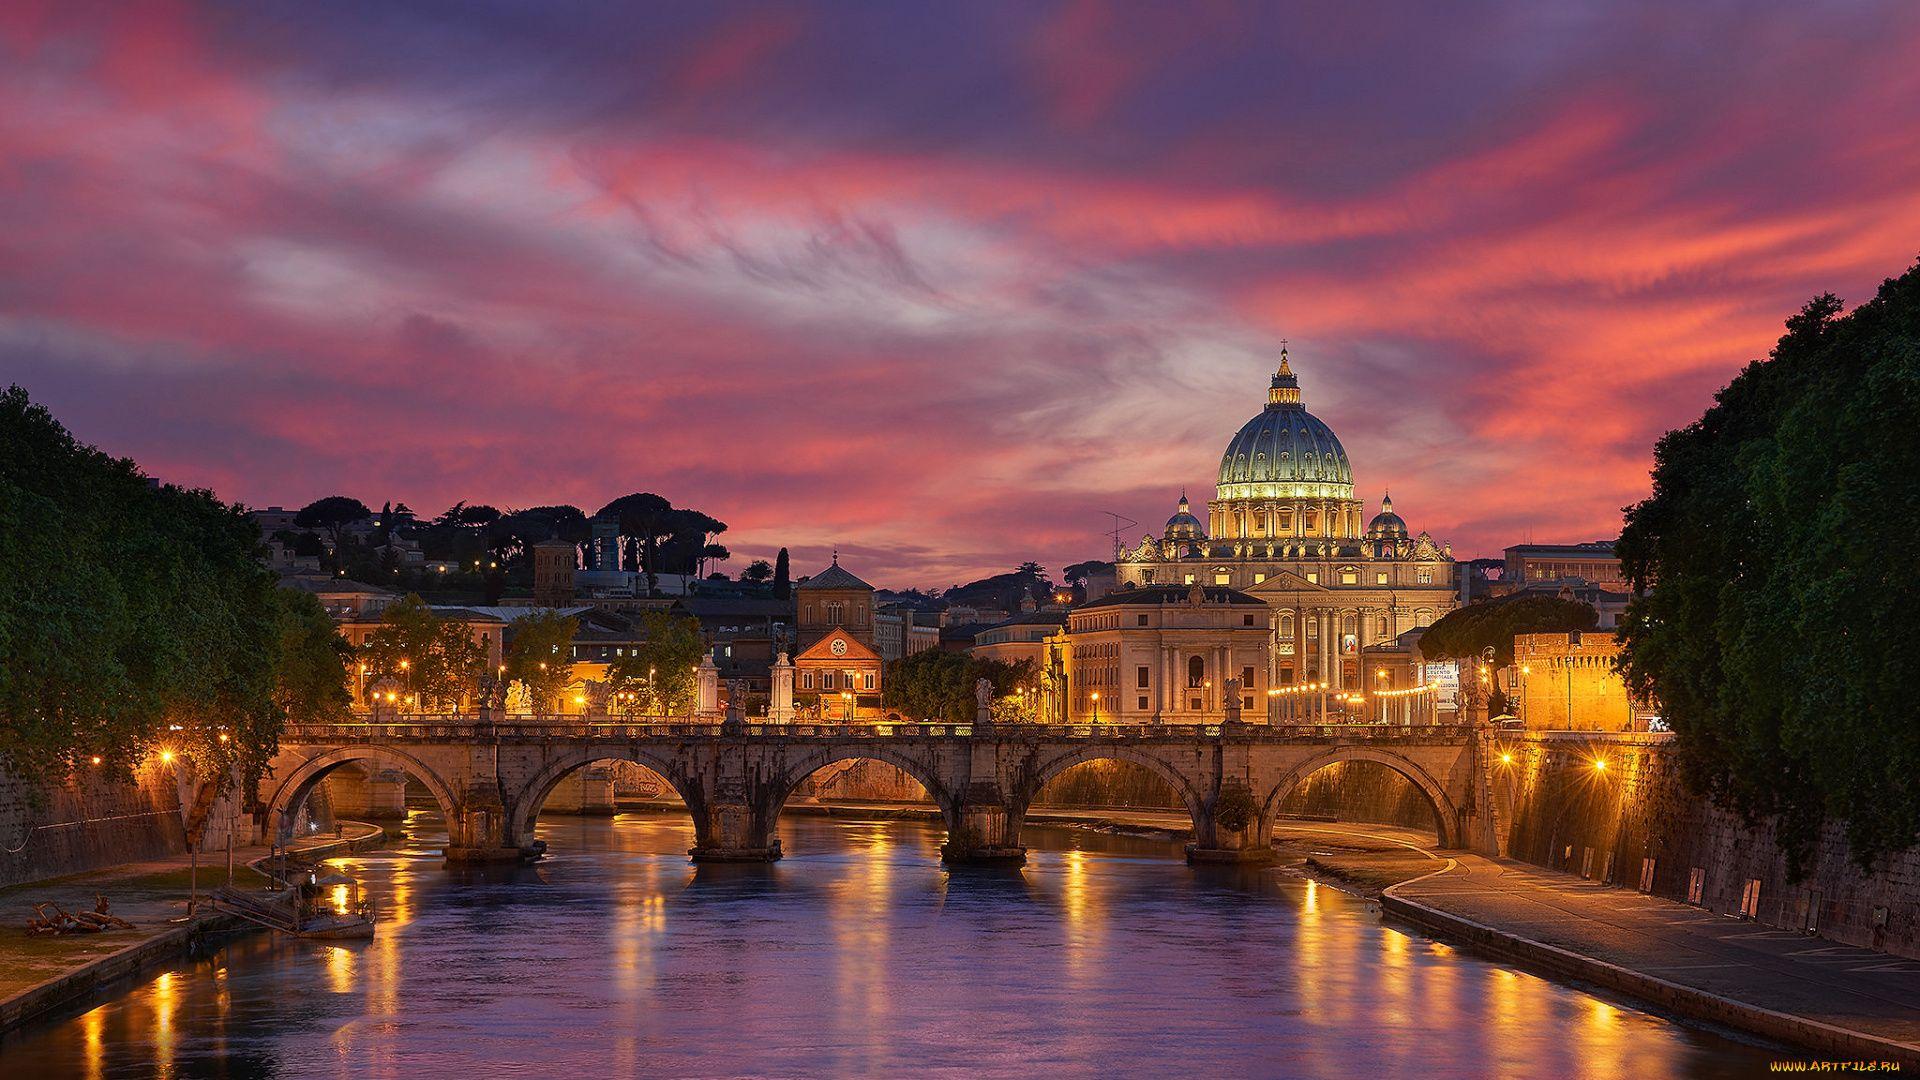 Rome free wallpaper for desktop